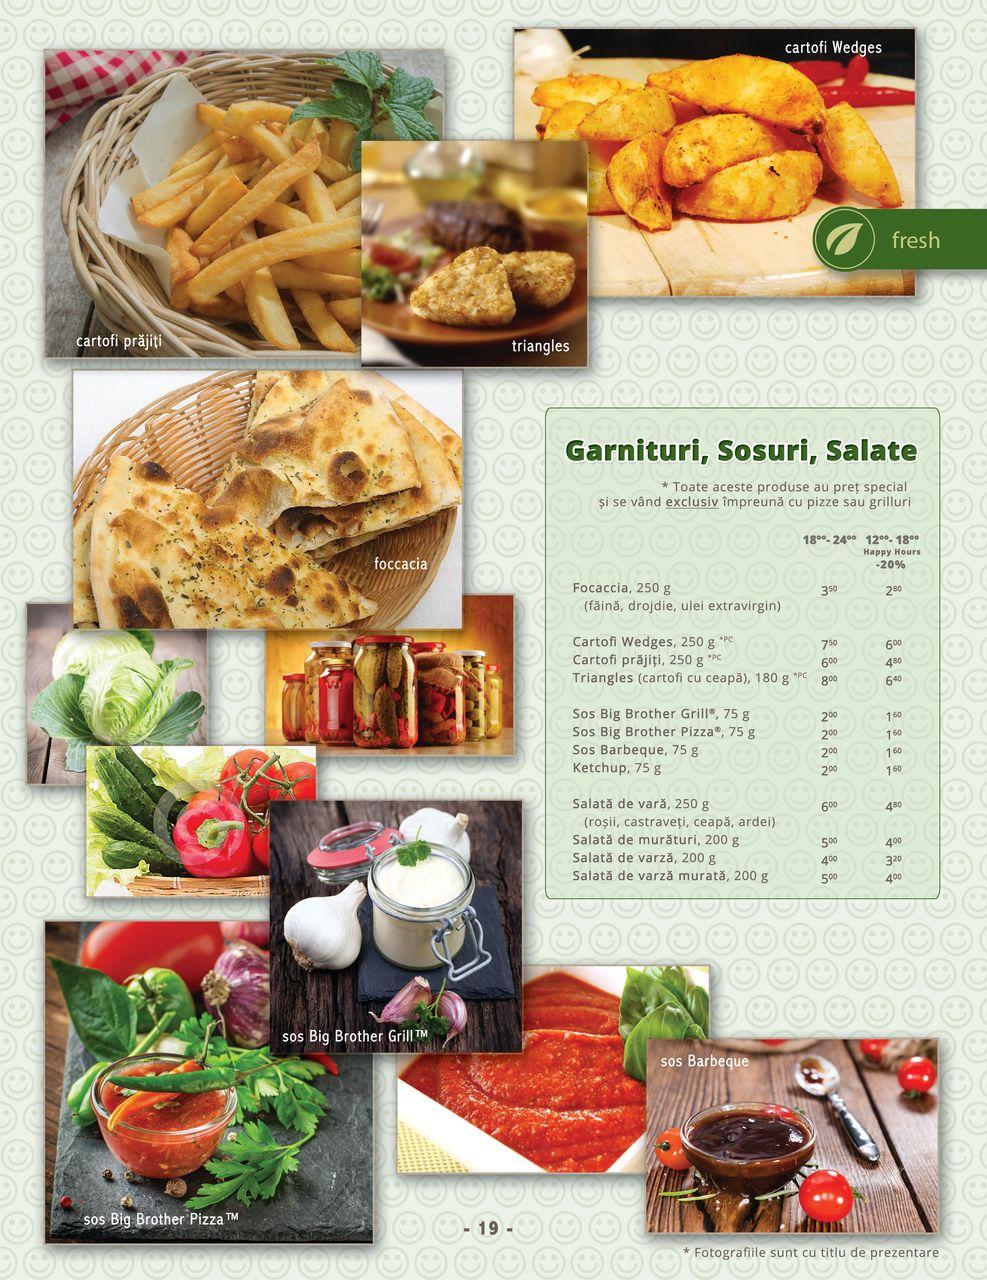 Garnituri, sosuri si salate